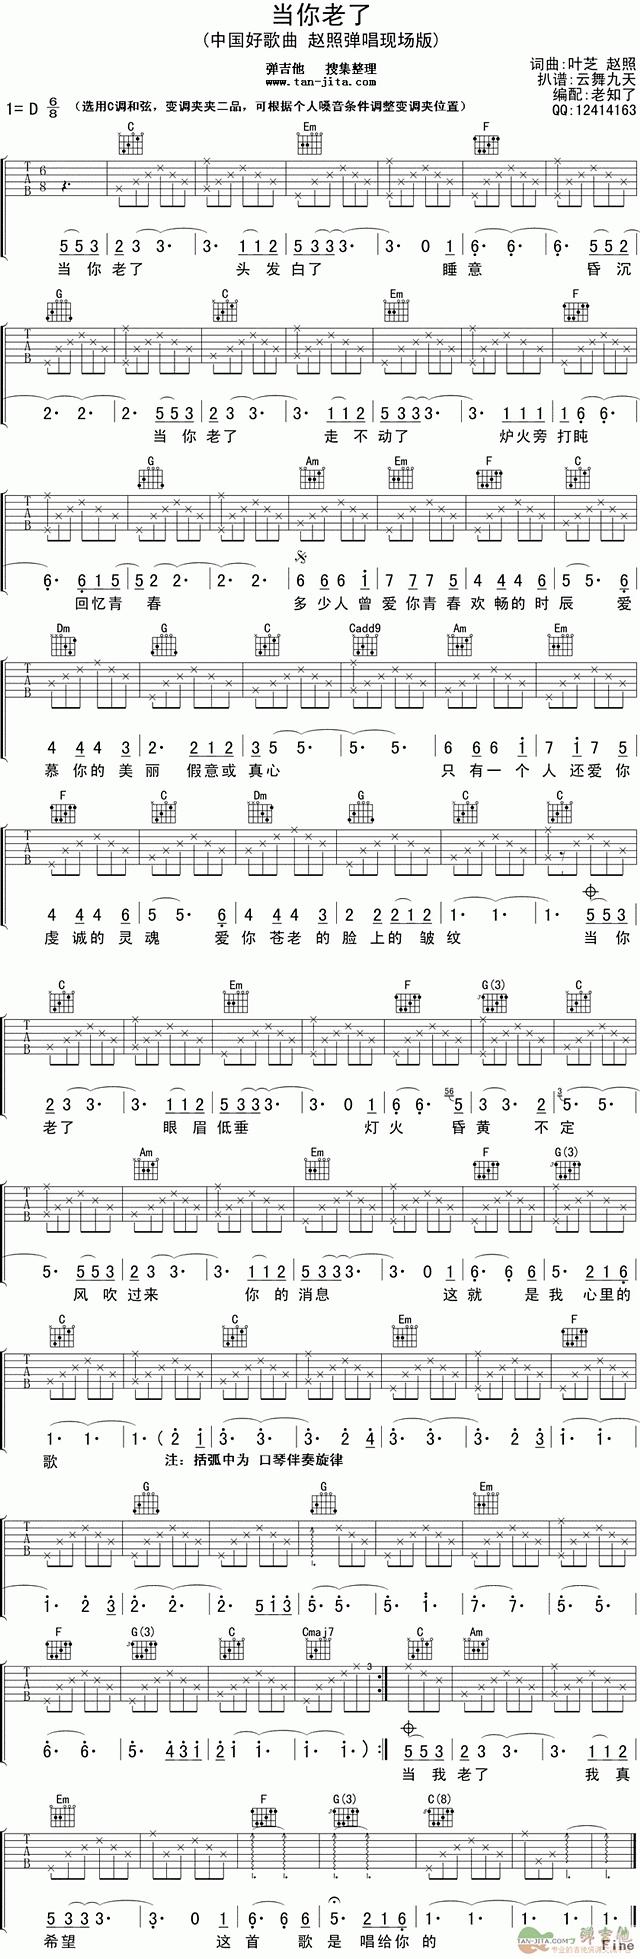 赵照 当你老了 吉他谱 中国好歌曲